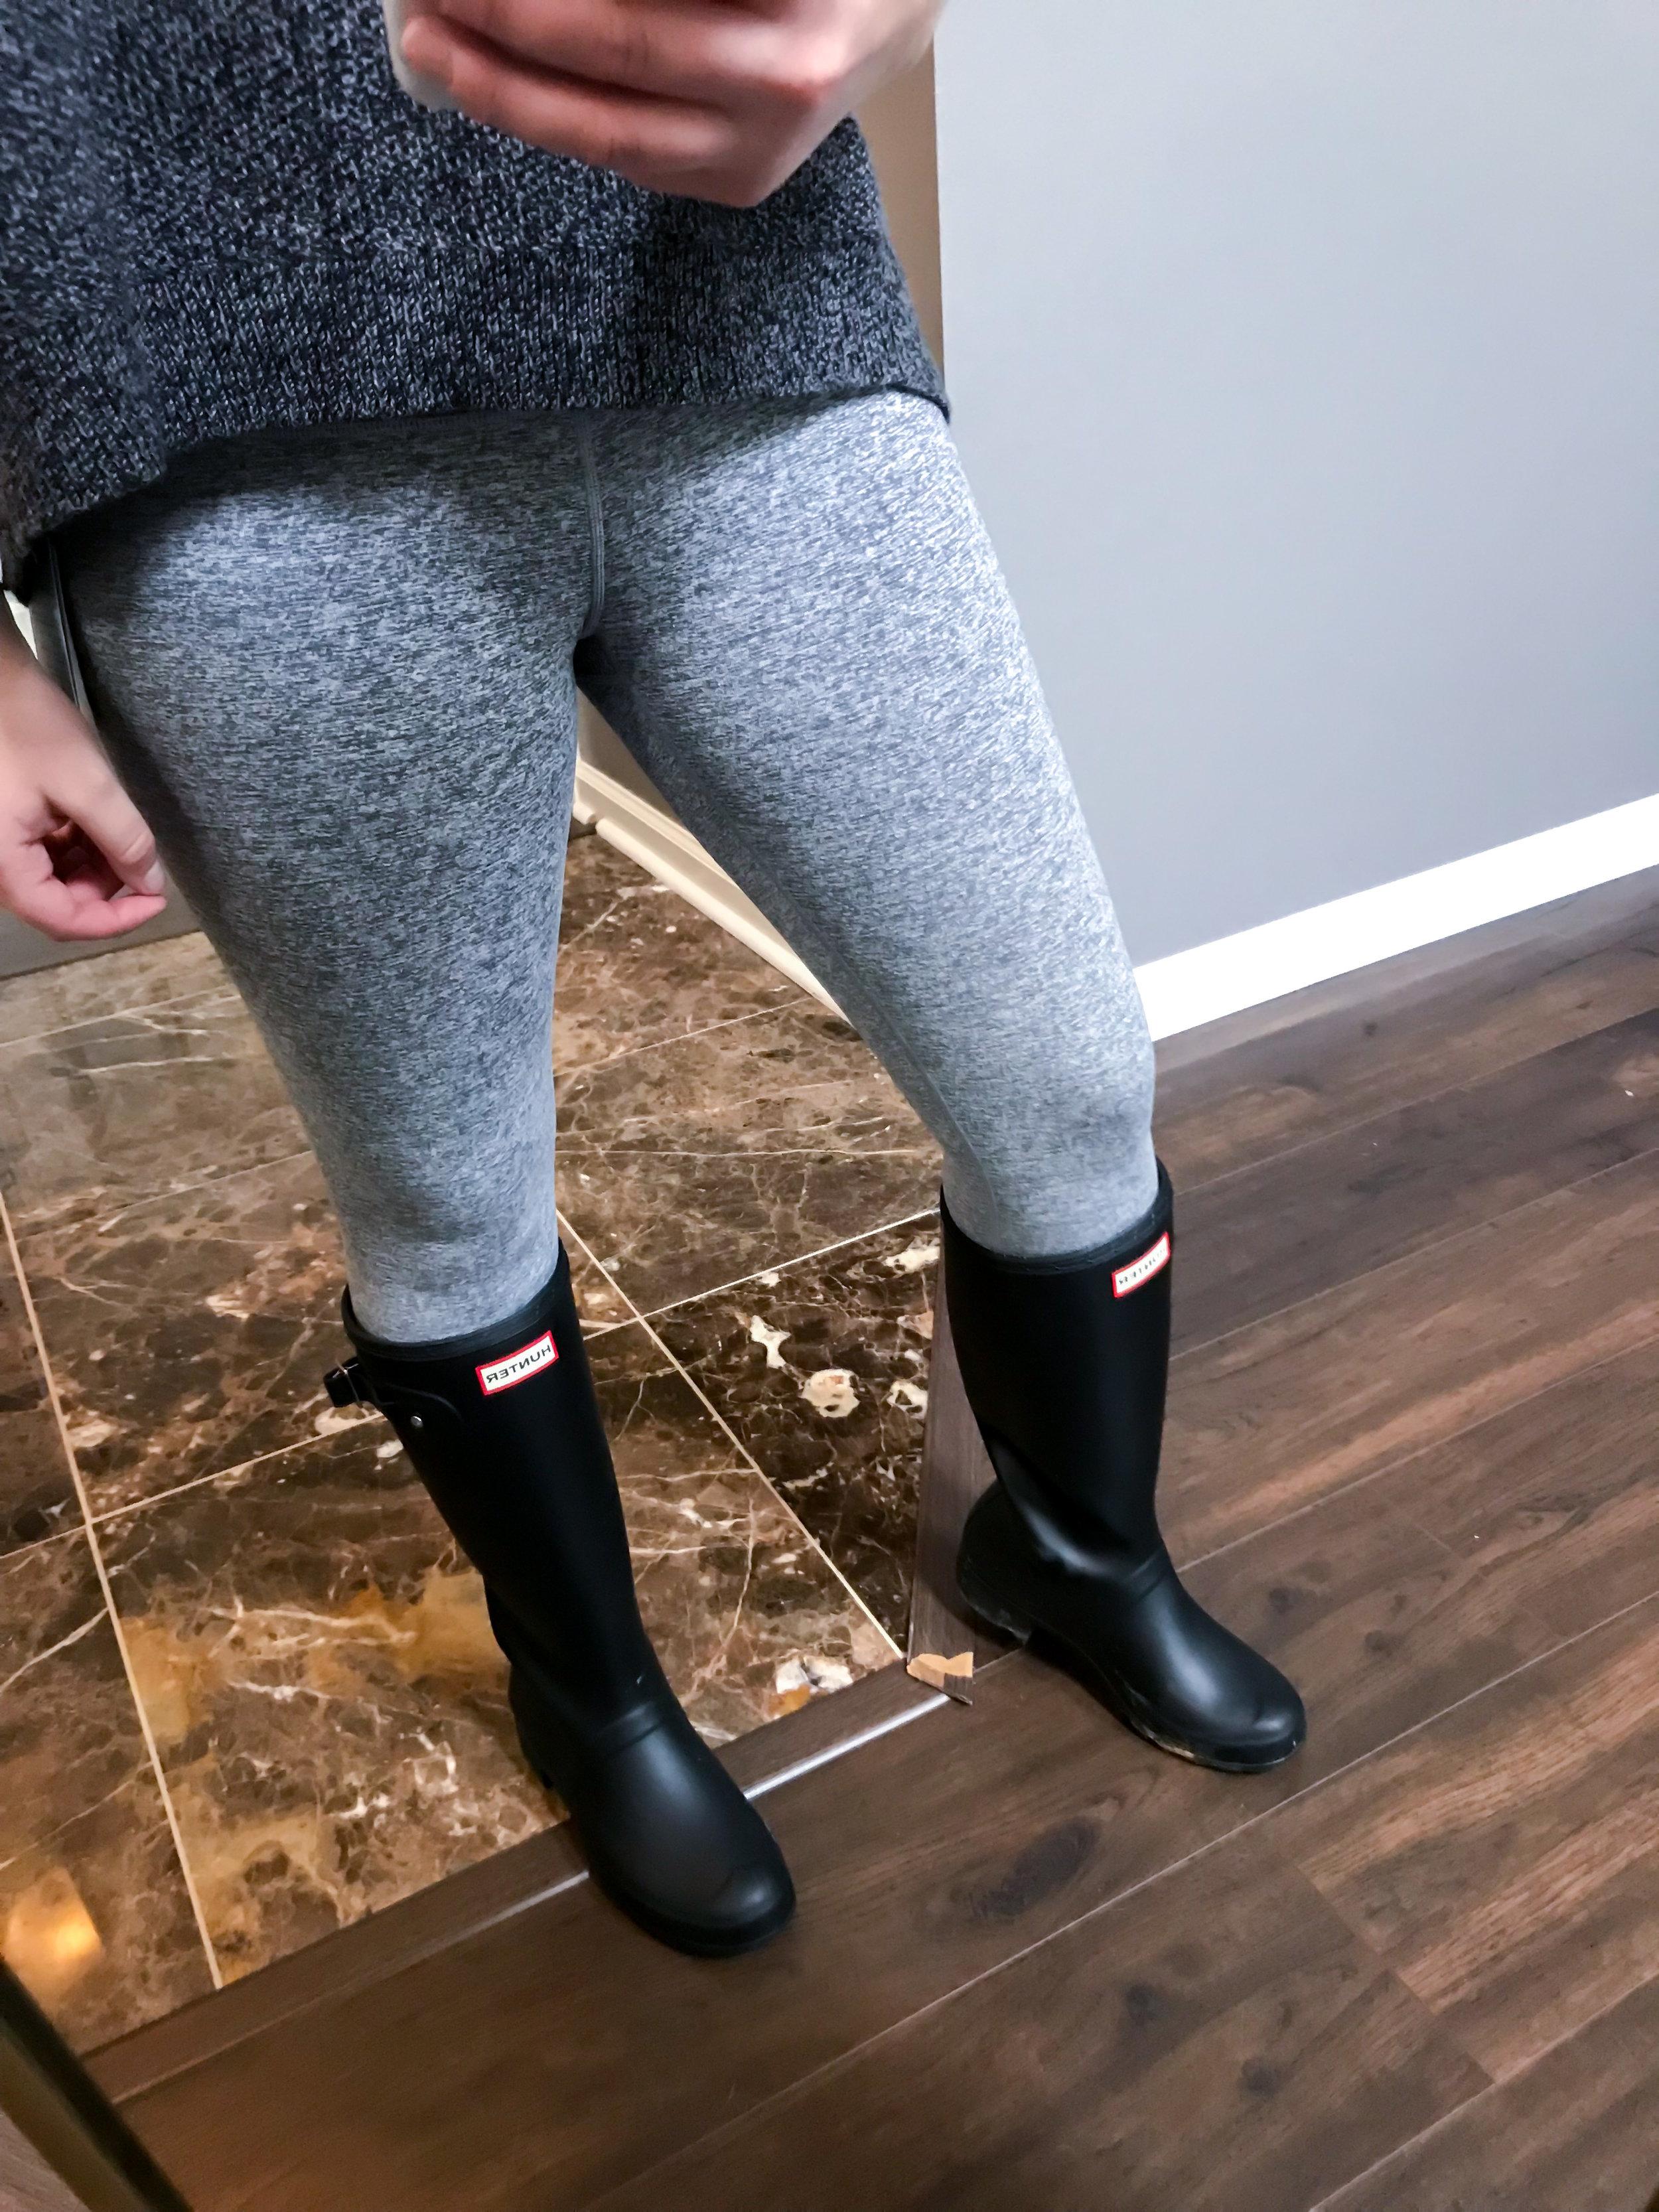 Maggie a la Mode Nordstrom Anniversary Sale 2018 Zella Live In Ombre Midi Leggings in Grey Graphite, Hunter Original Tall Rain Boots